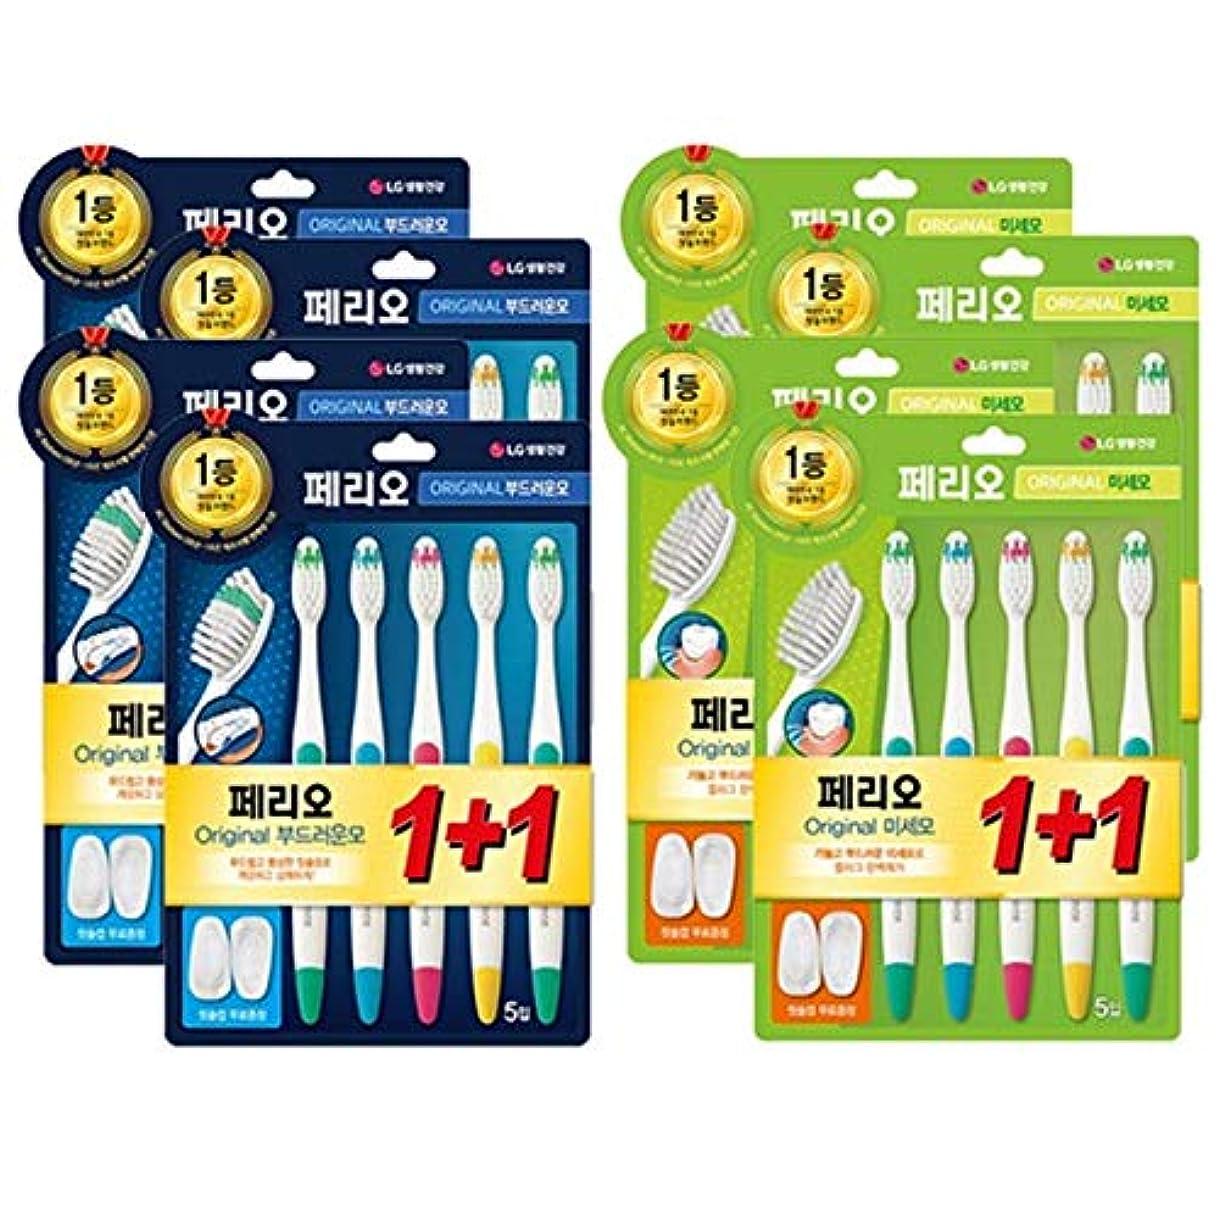 アクロバットジュースサービス[LG HnB] Perio original toothbrush/ペリオオリジナル歯ブラシ 10口x4個(海外直送品)